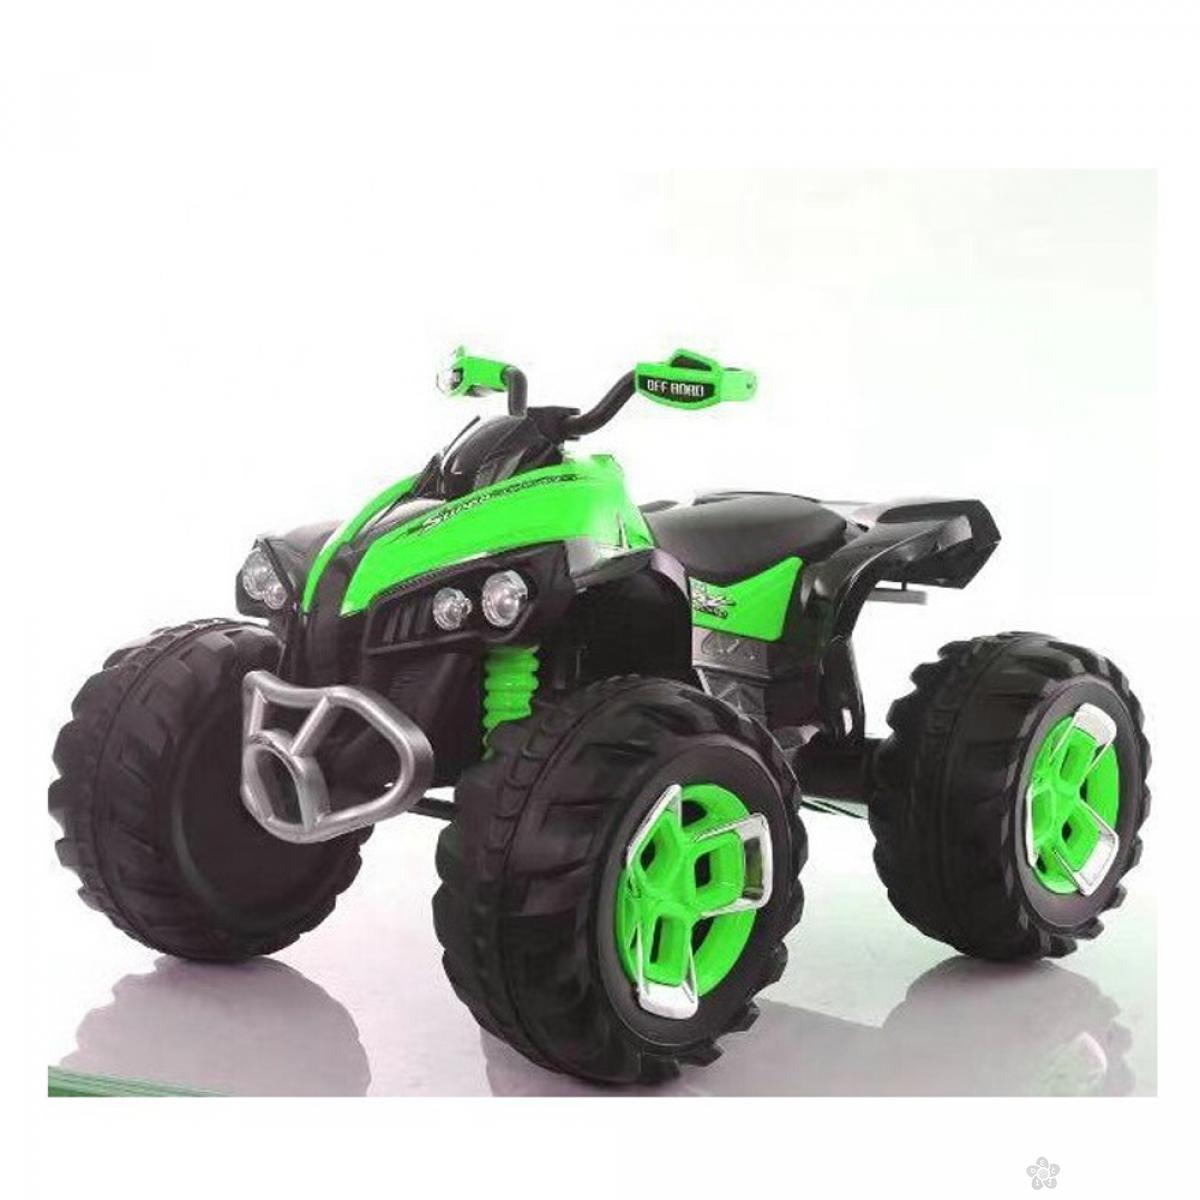 Bagi (quad) model 119 zelena